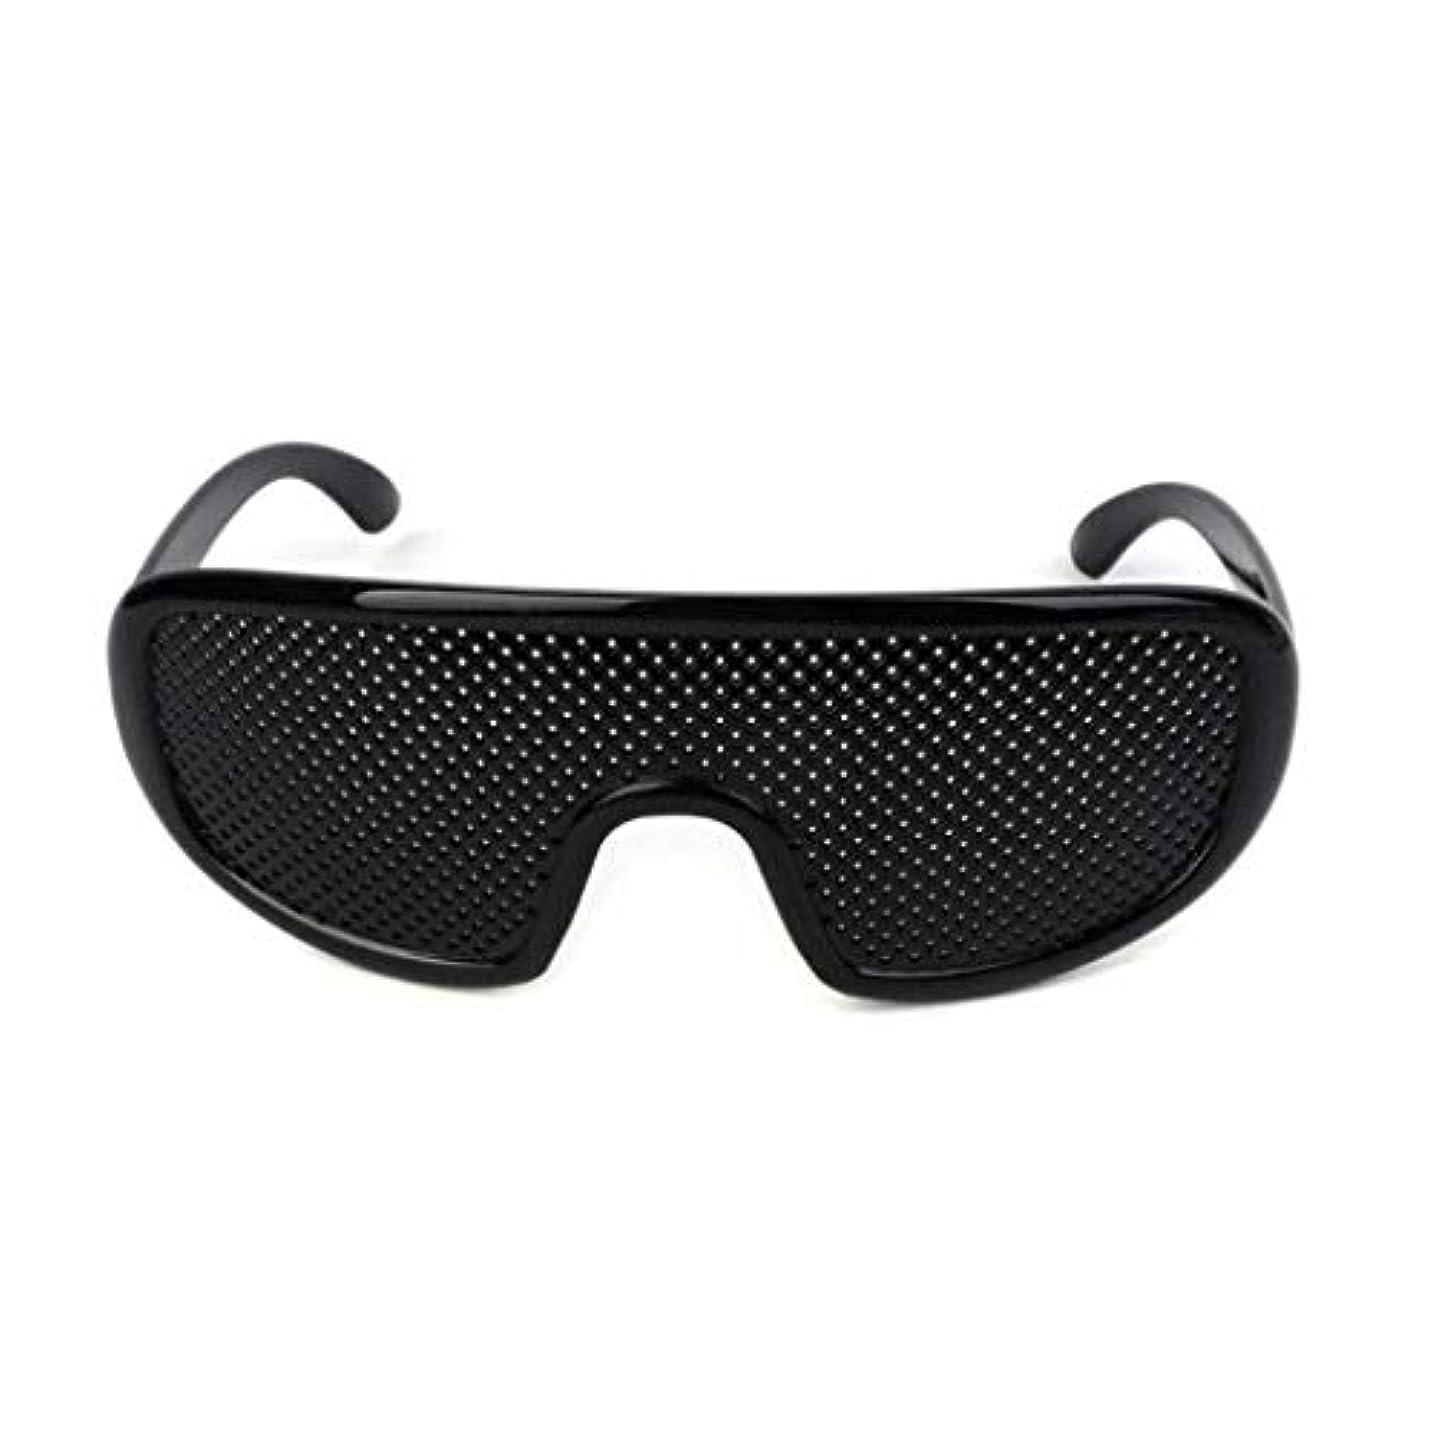 オリエンテーション発動機広くピンホールメガネ、アイズエクササイズアイサイトビジョンメガネの改善ビジョンケアメガネ近視の防止メガネの改善